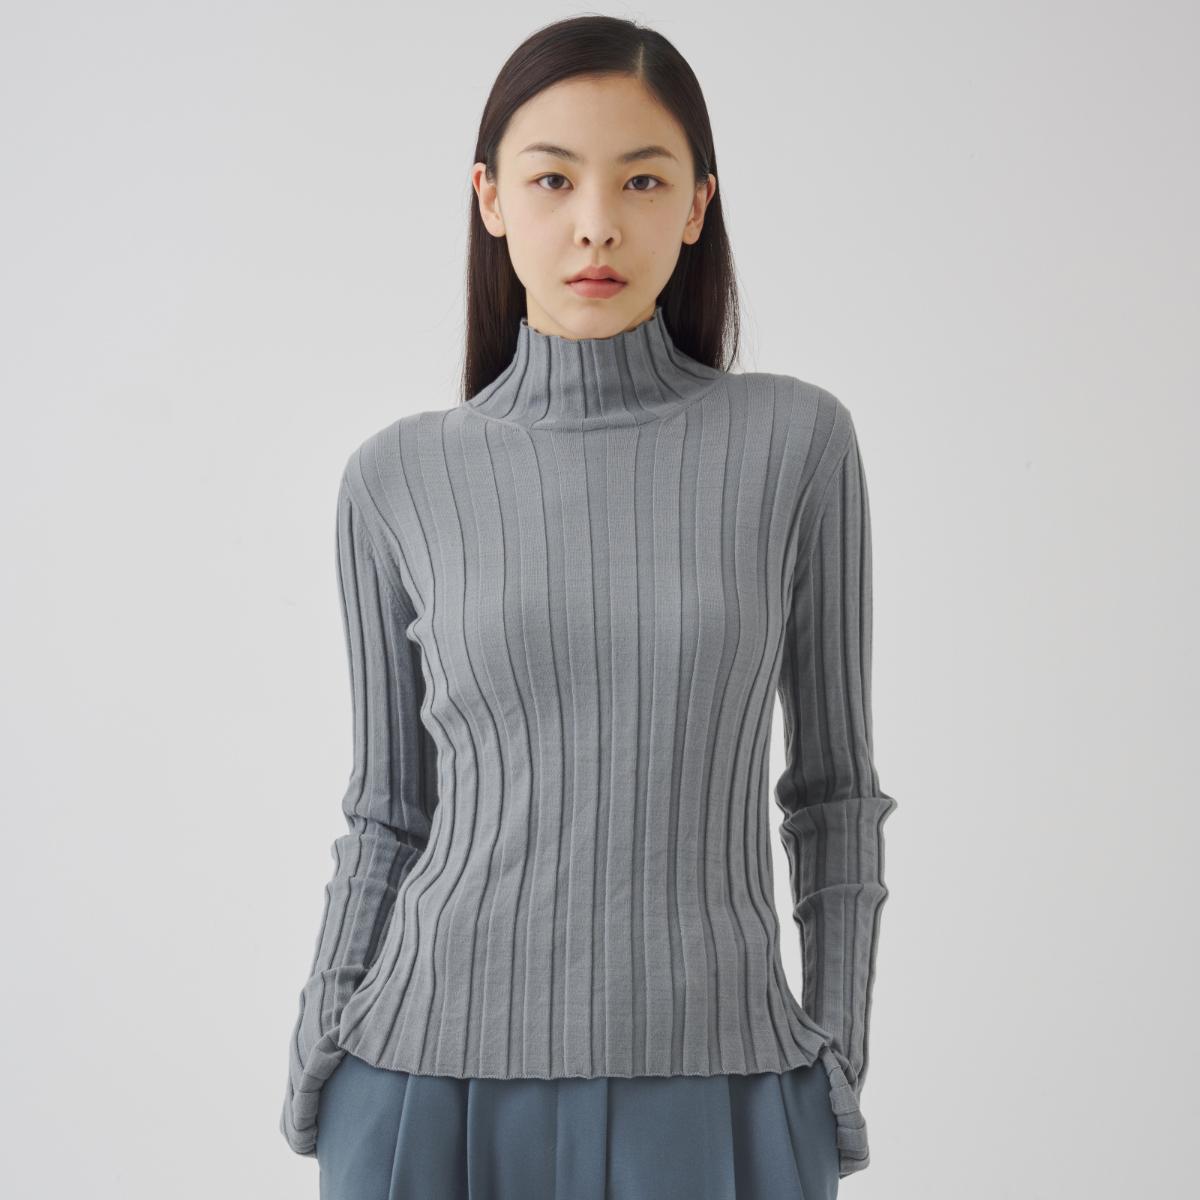 긴팔 티셔츠 모델 착용 이미지-S1L2